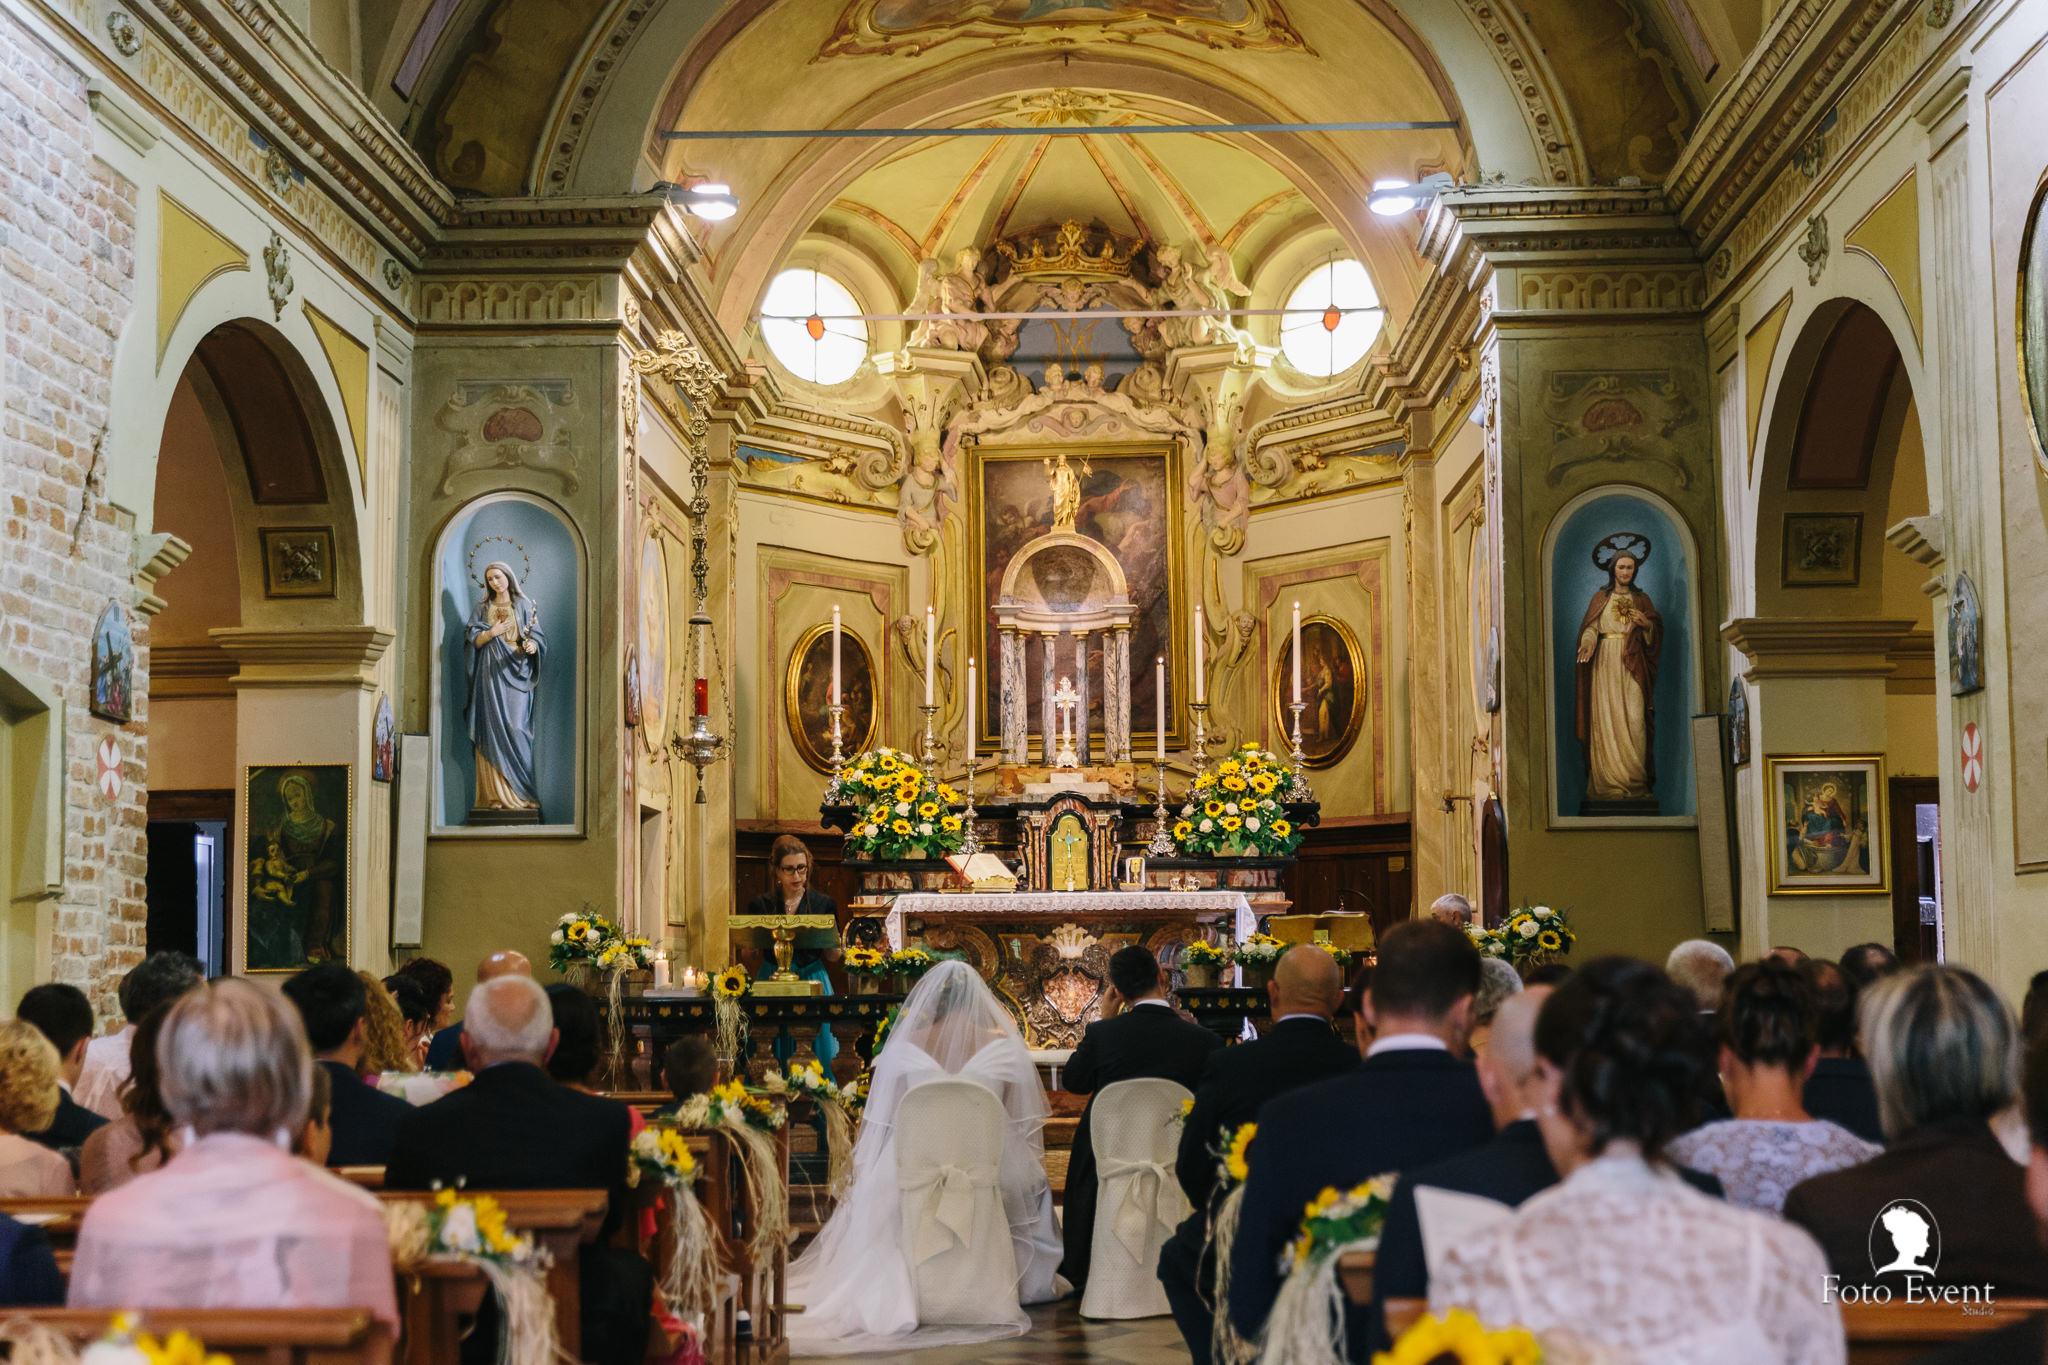 042-2019-07-27-Matrimonio-Valentina-e-Alessandro-Pettinari-5DE-633